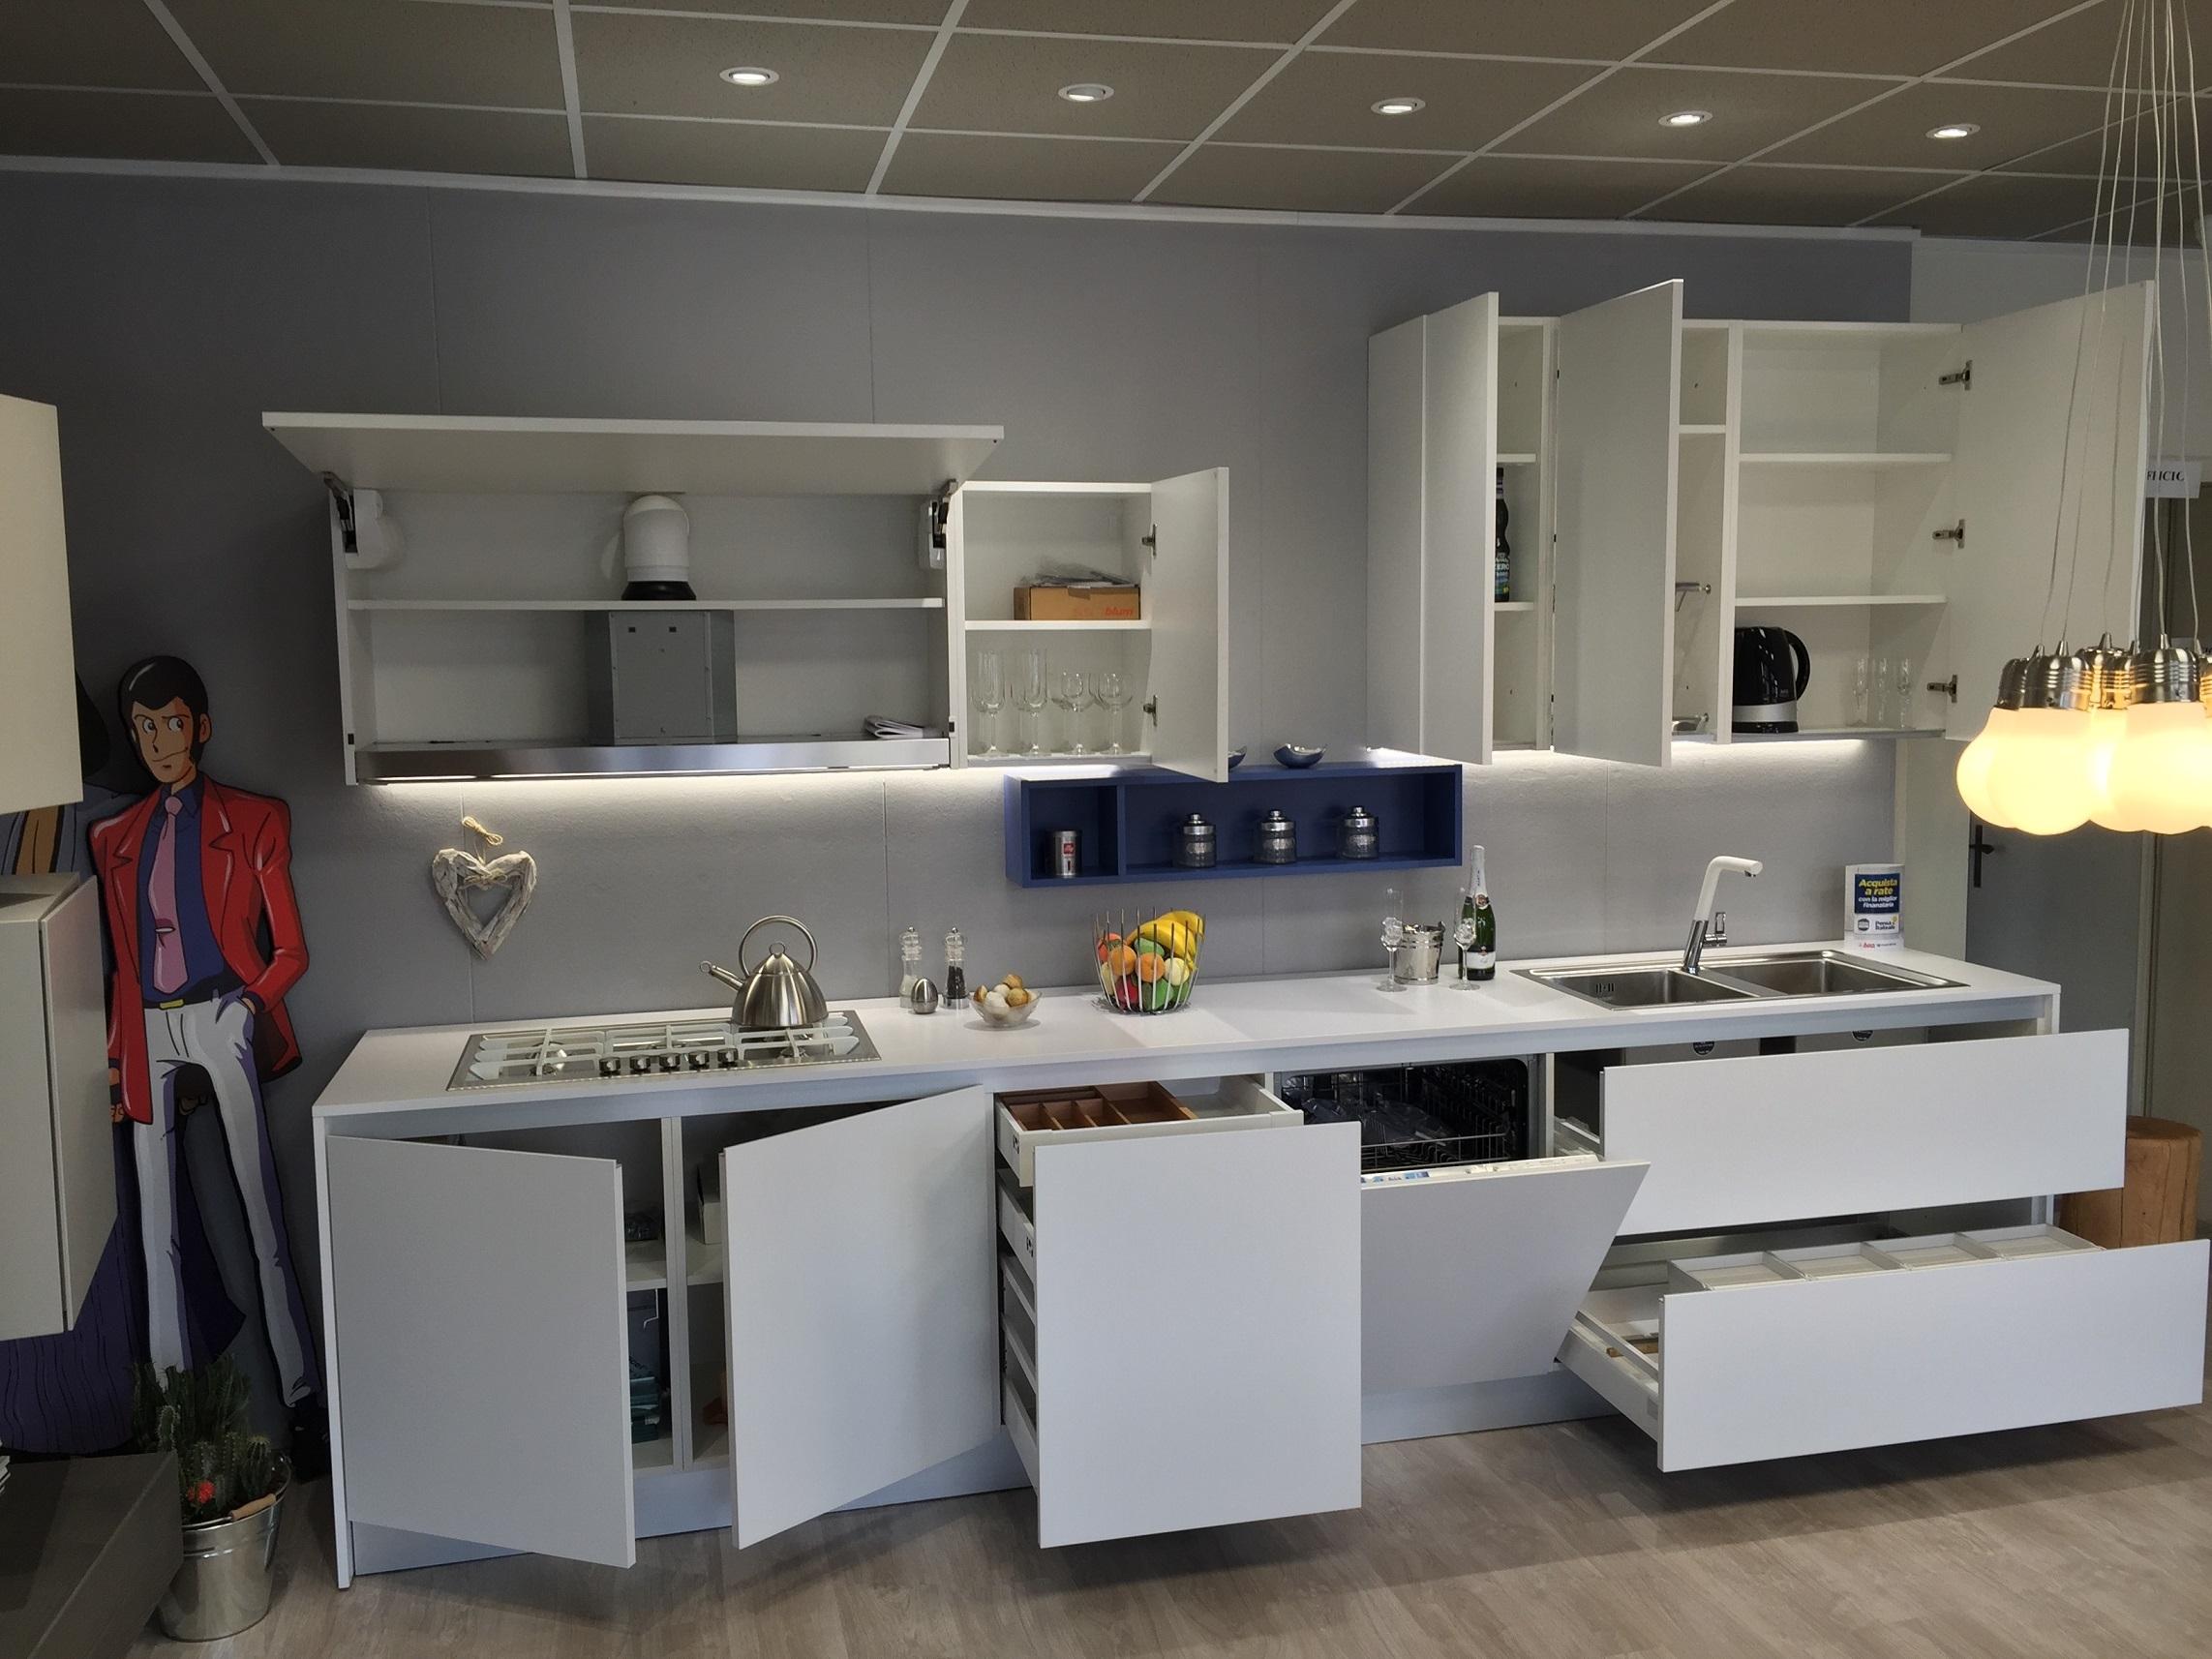 Doimo cucine moderne prezzi scontati cucine a prezzi - Cucine moderne in offerta ...